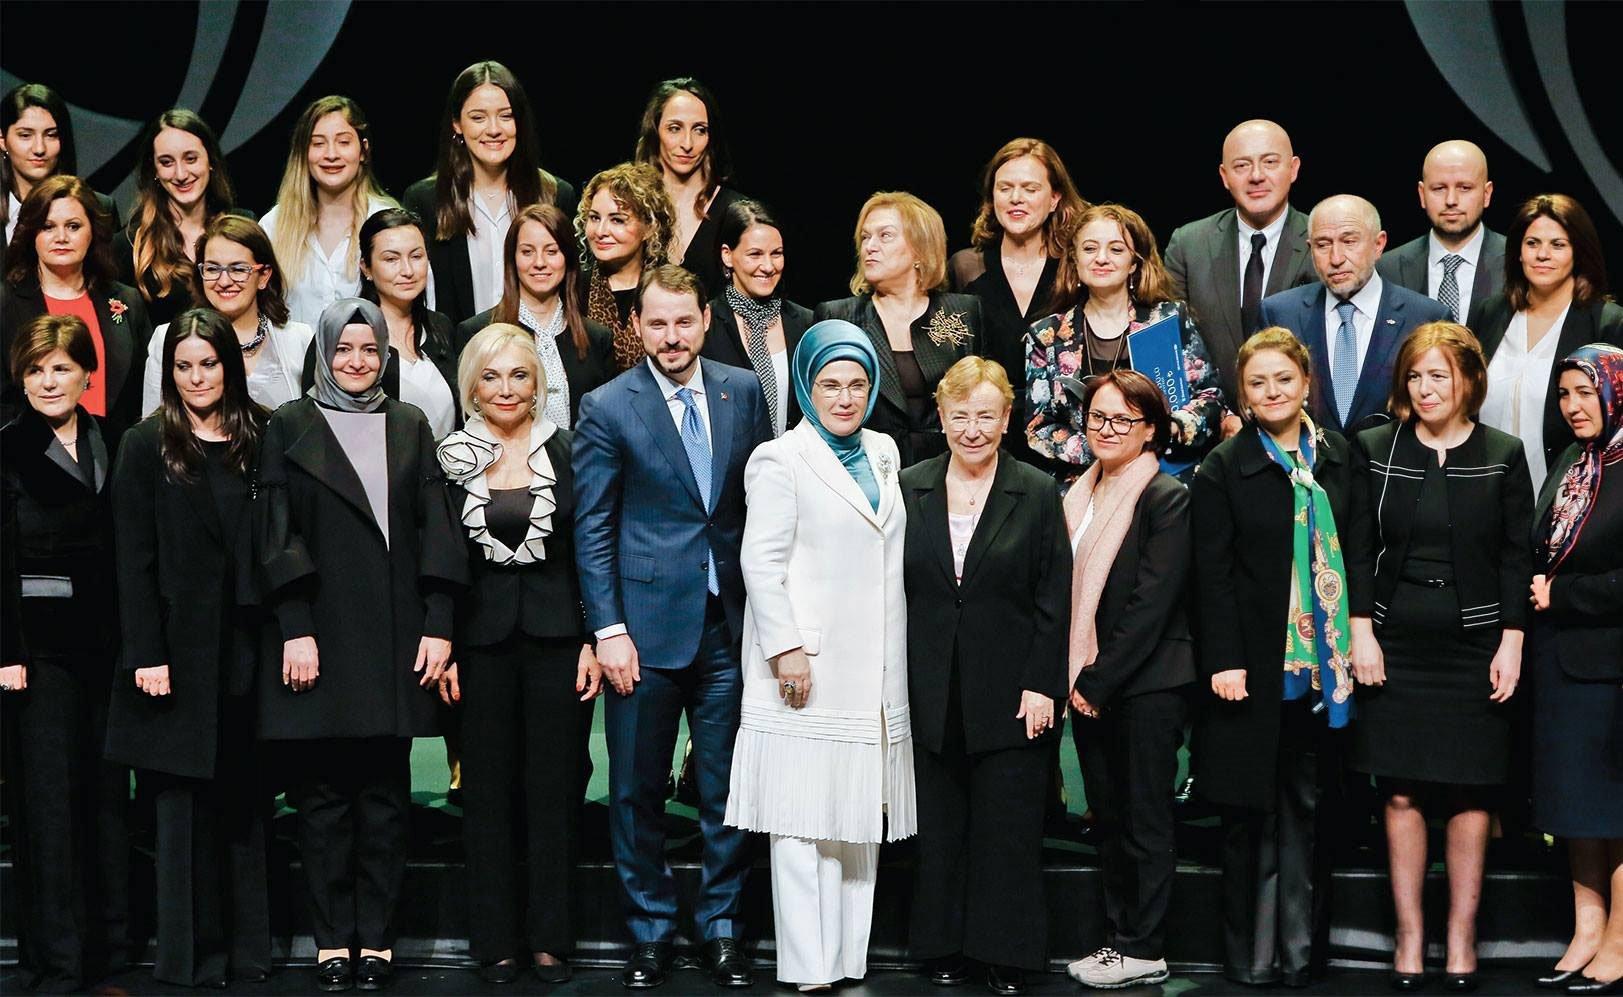 TÜRKİYE'YE ENERJİ VEREN KADINLAR ÖDÜLLENDİRİLDİ